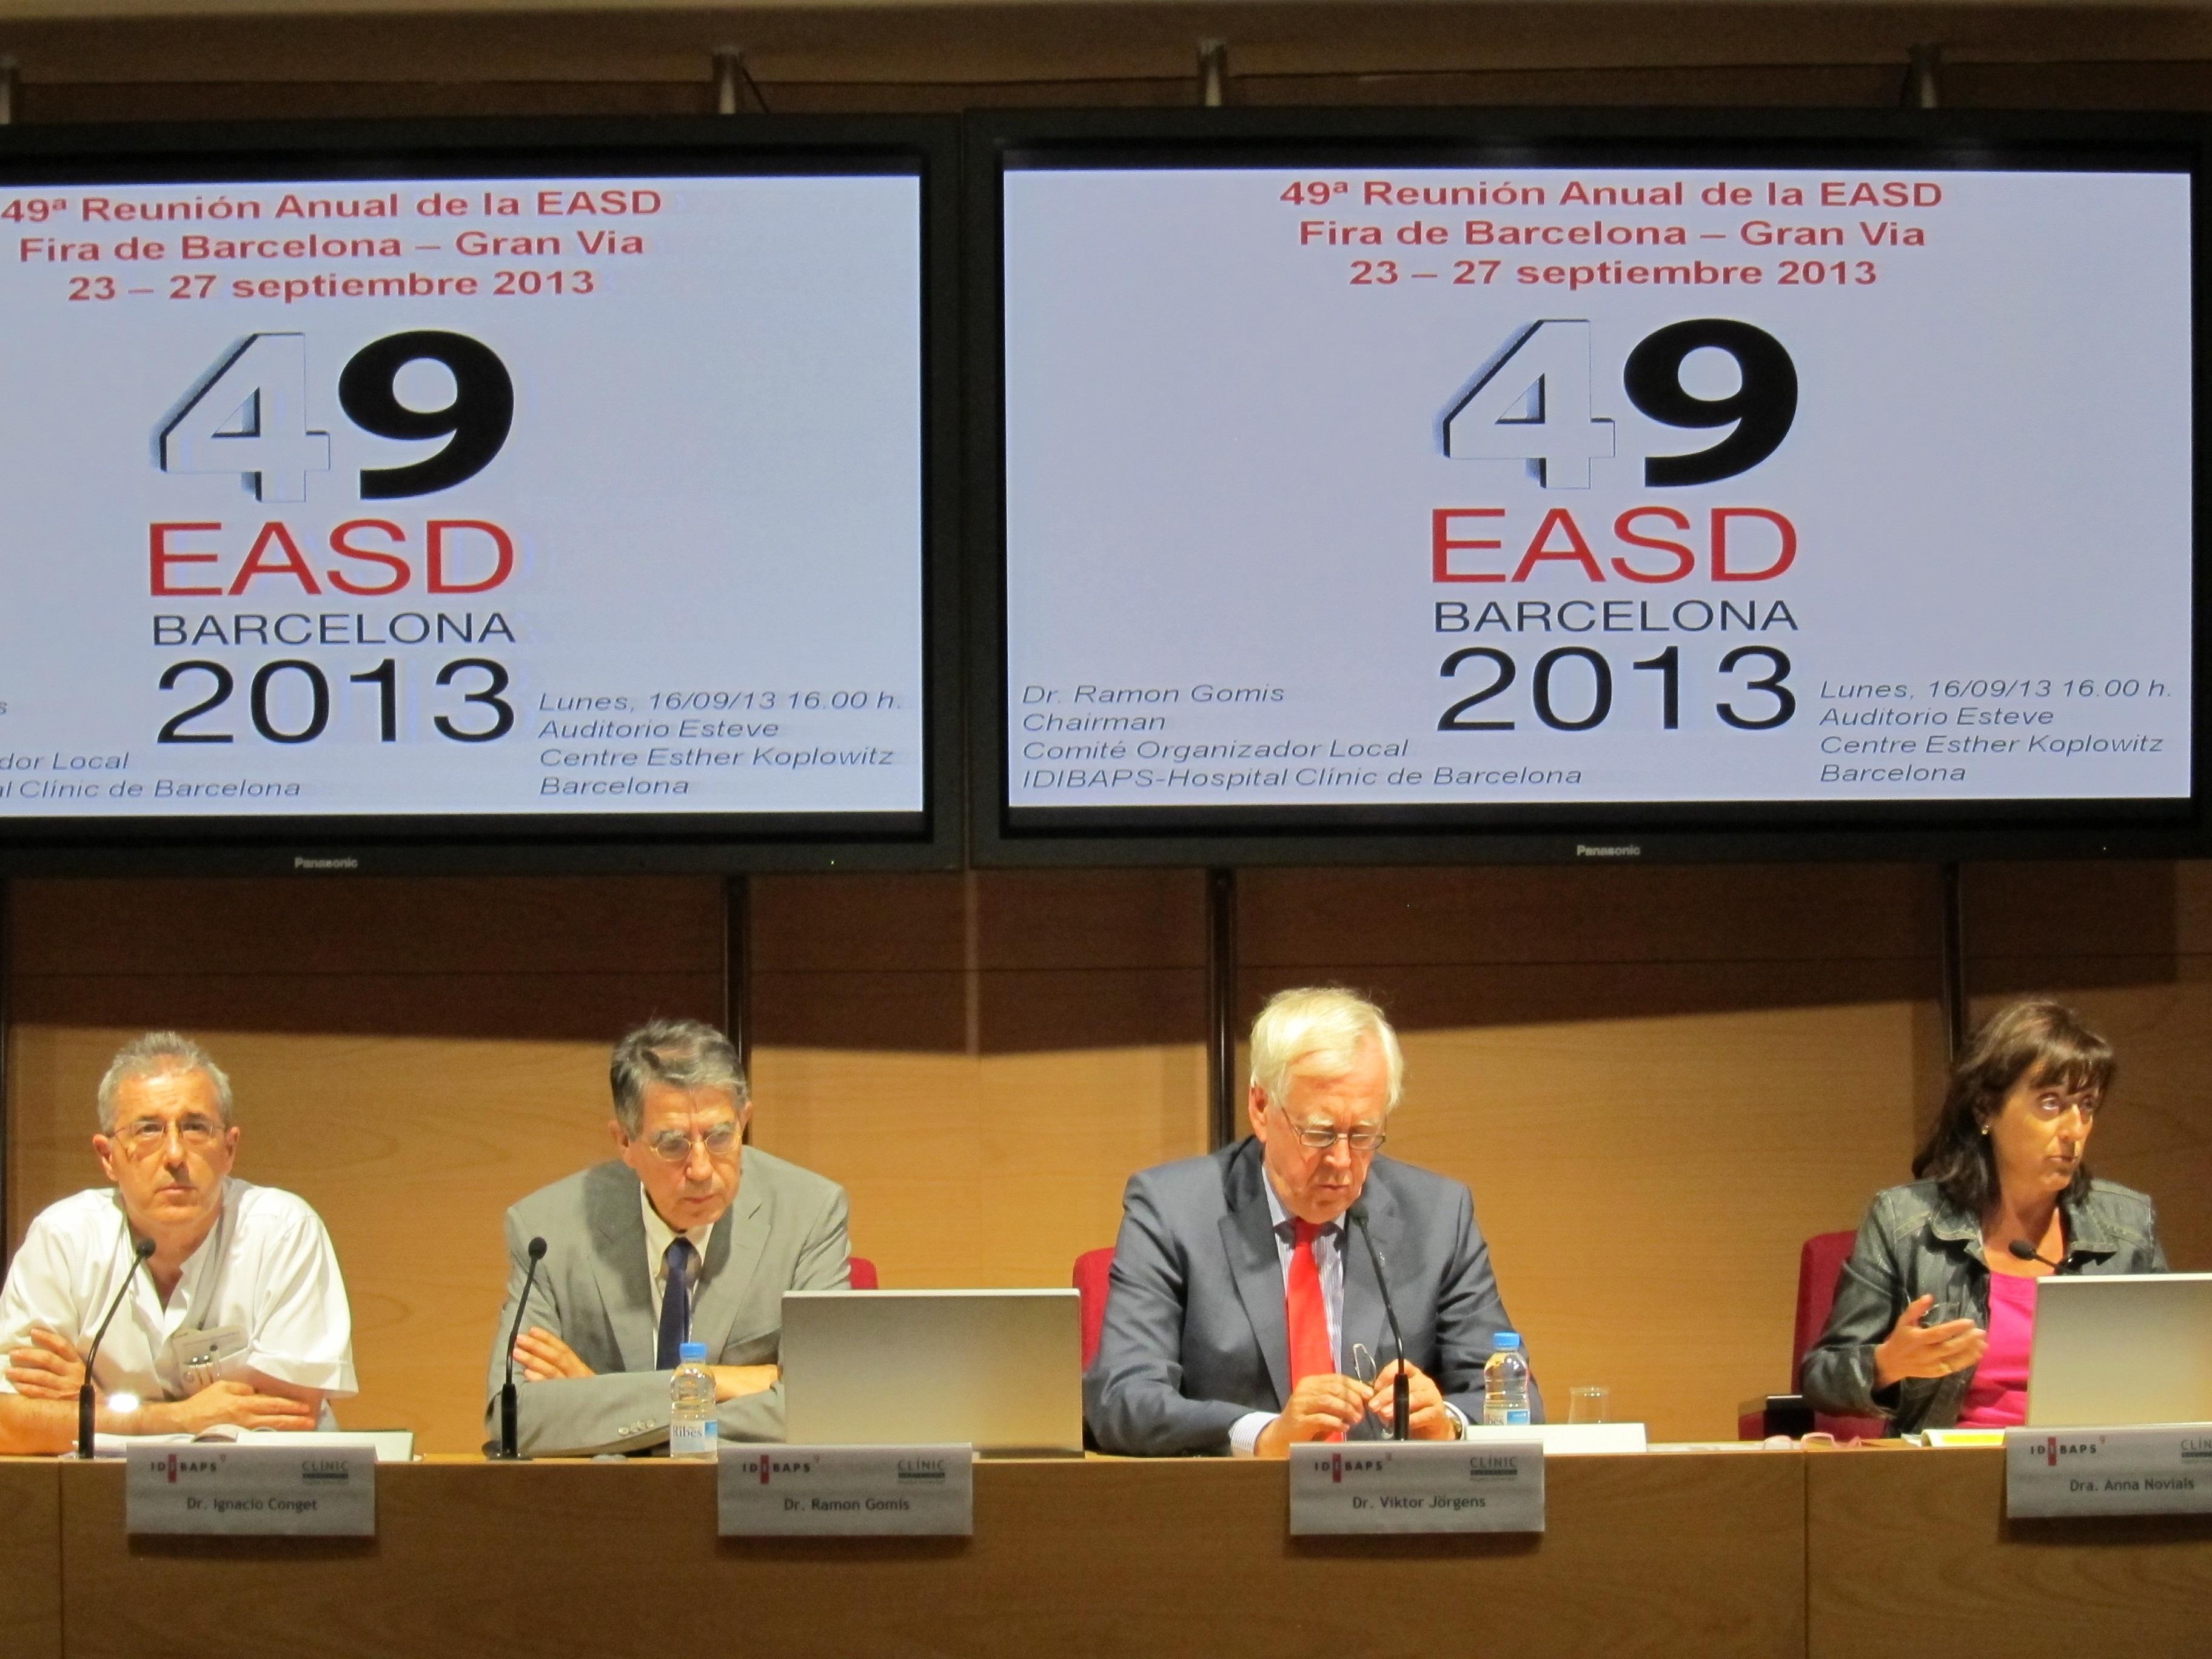 Abre las puertas en Barcelona el Congreso Europeo de Diabetes con más de 20.000 inscritos